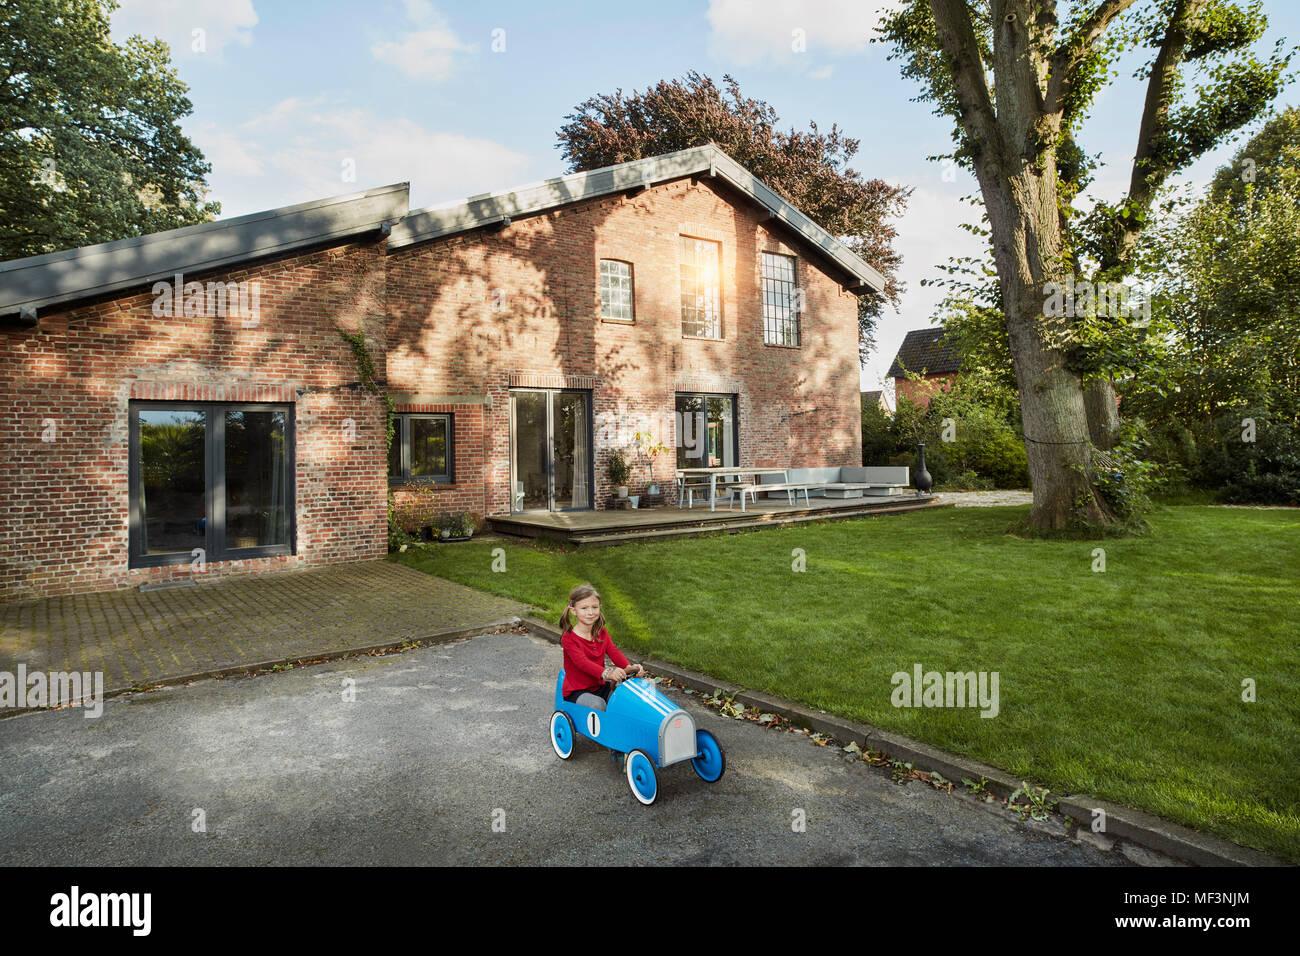 Fille jouant avec allée de soapbox en maison d'habitation Photo Stock